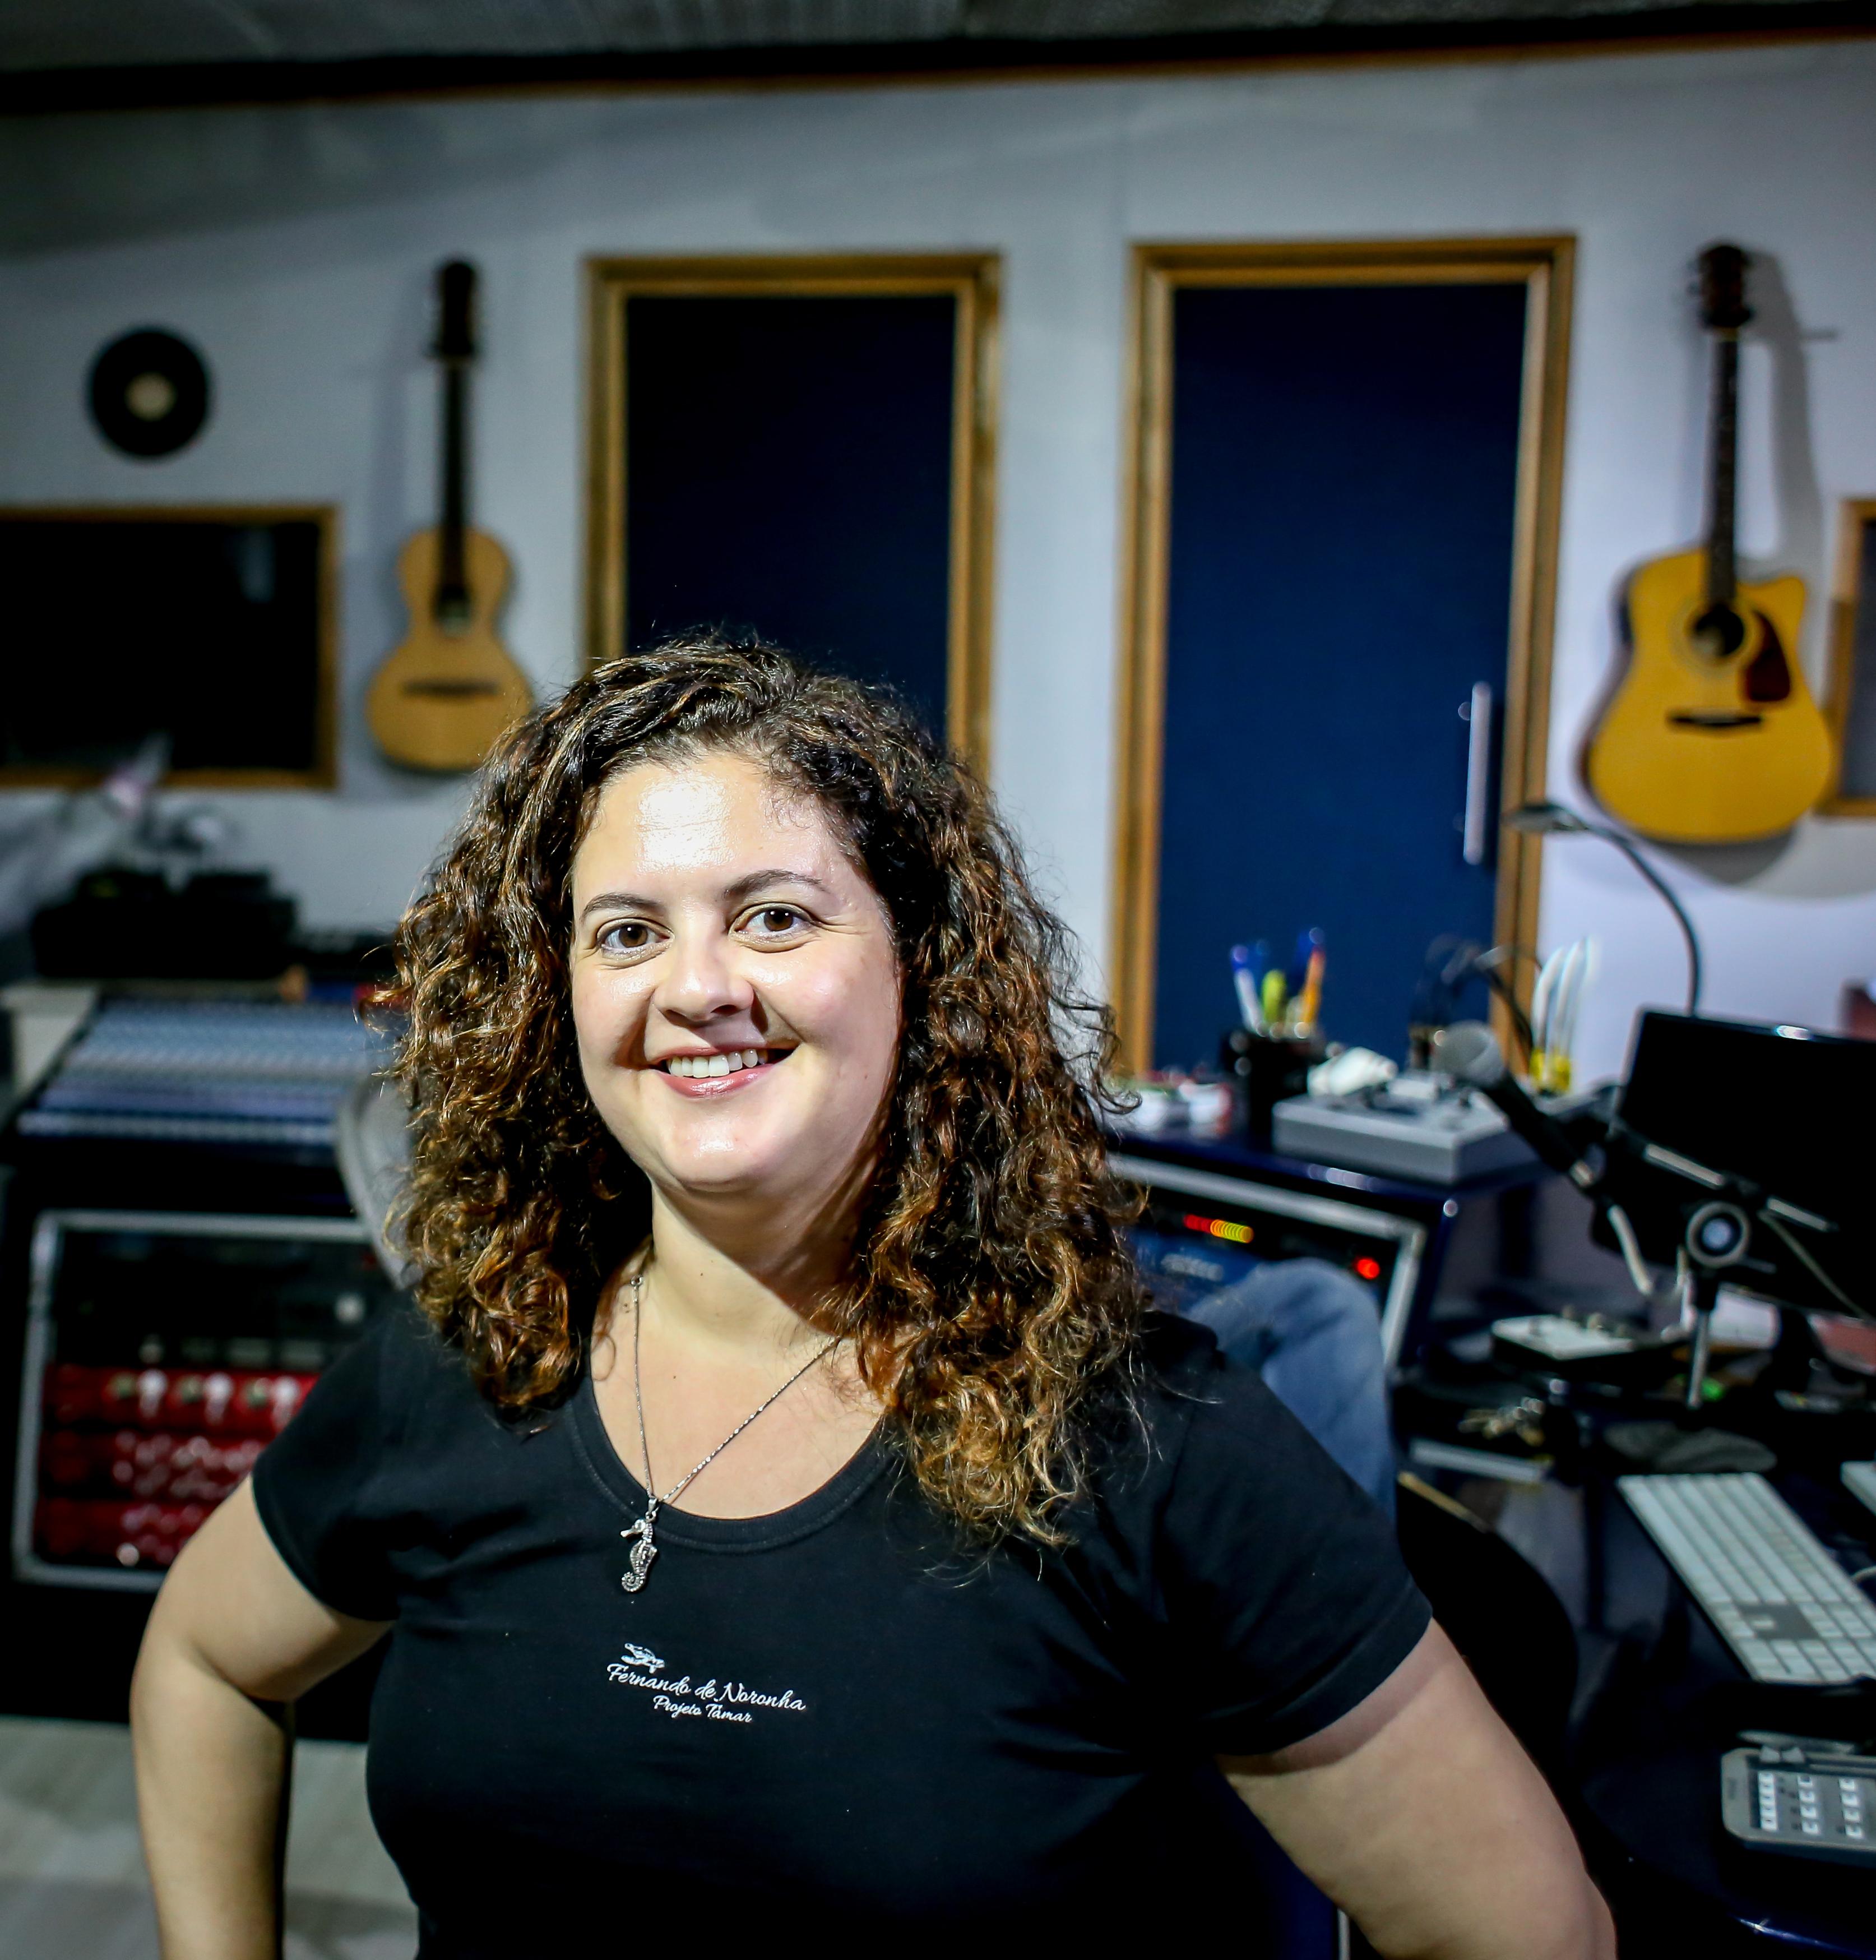 Diretora e produtora há 20 anos, Joana Ninl ança eu segundo longa, Proibido Nascer no Paraíso, sobre parto e direito de escolha da mulher | Foto: Divulgação